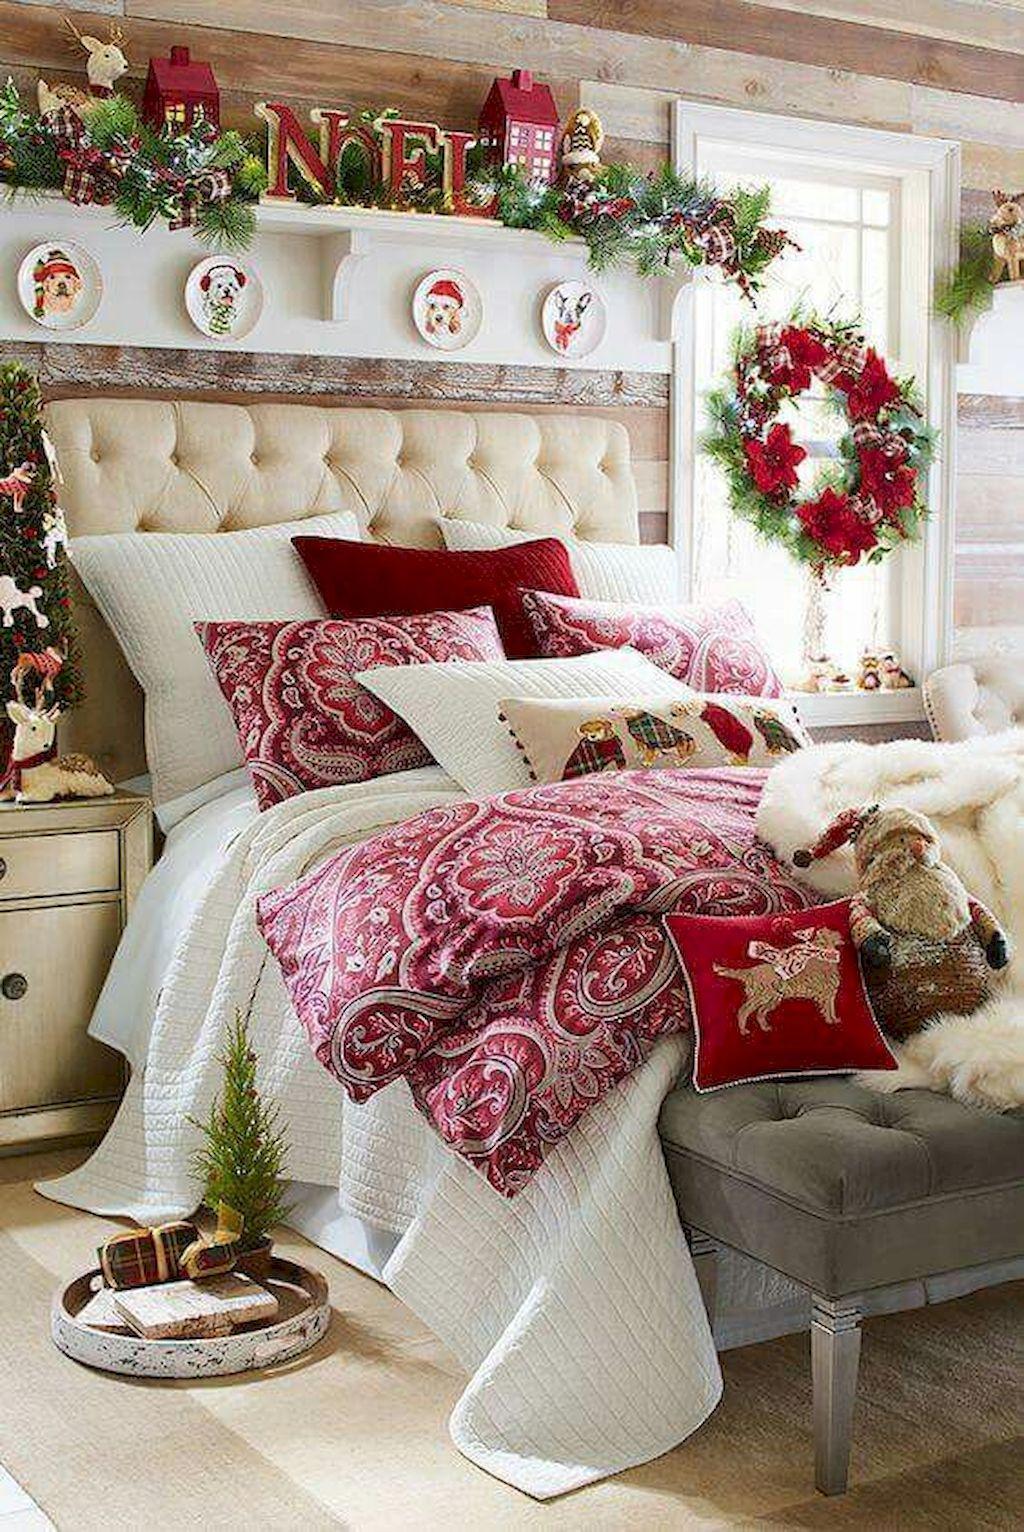 55 Cozy Cheerful Farmhouse Christmas Bedroom 55